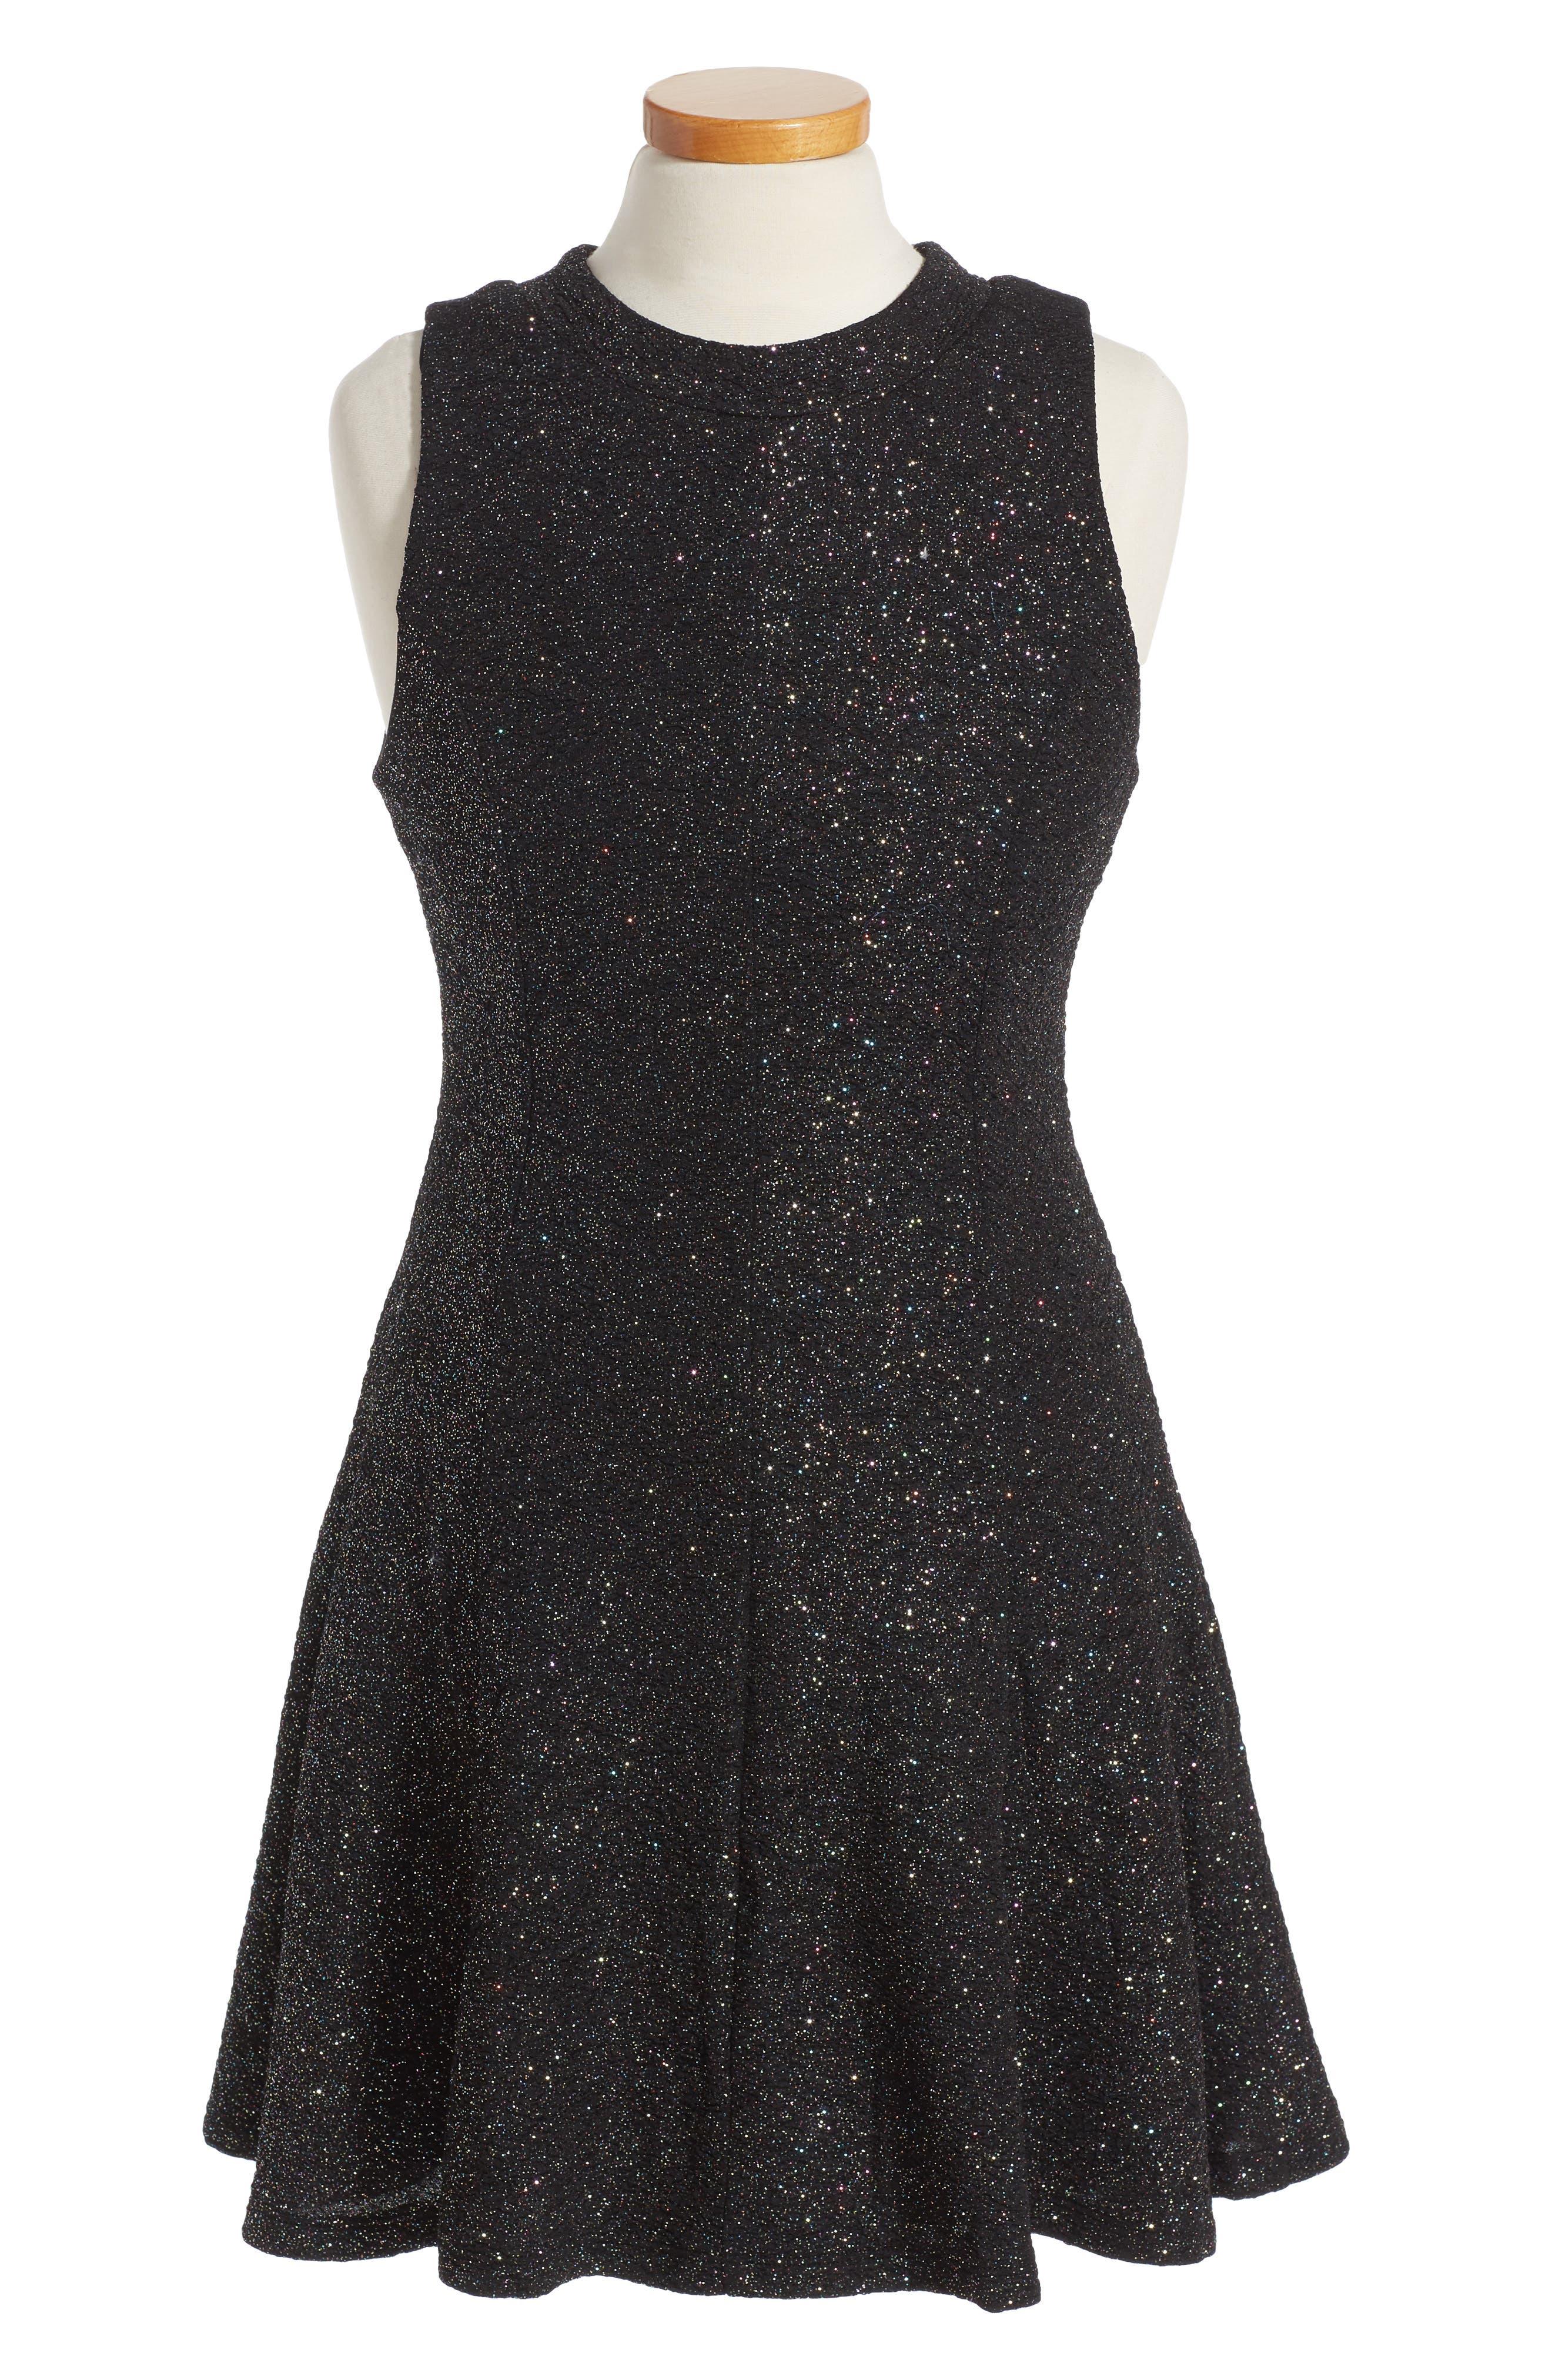 Shimmer Swing Dress,                             Alternate thumbnail 2, color,                             001